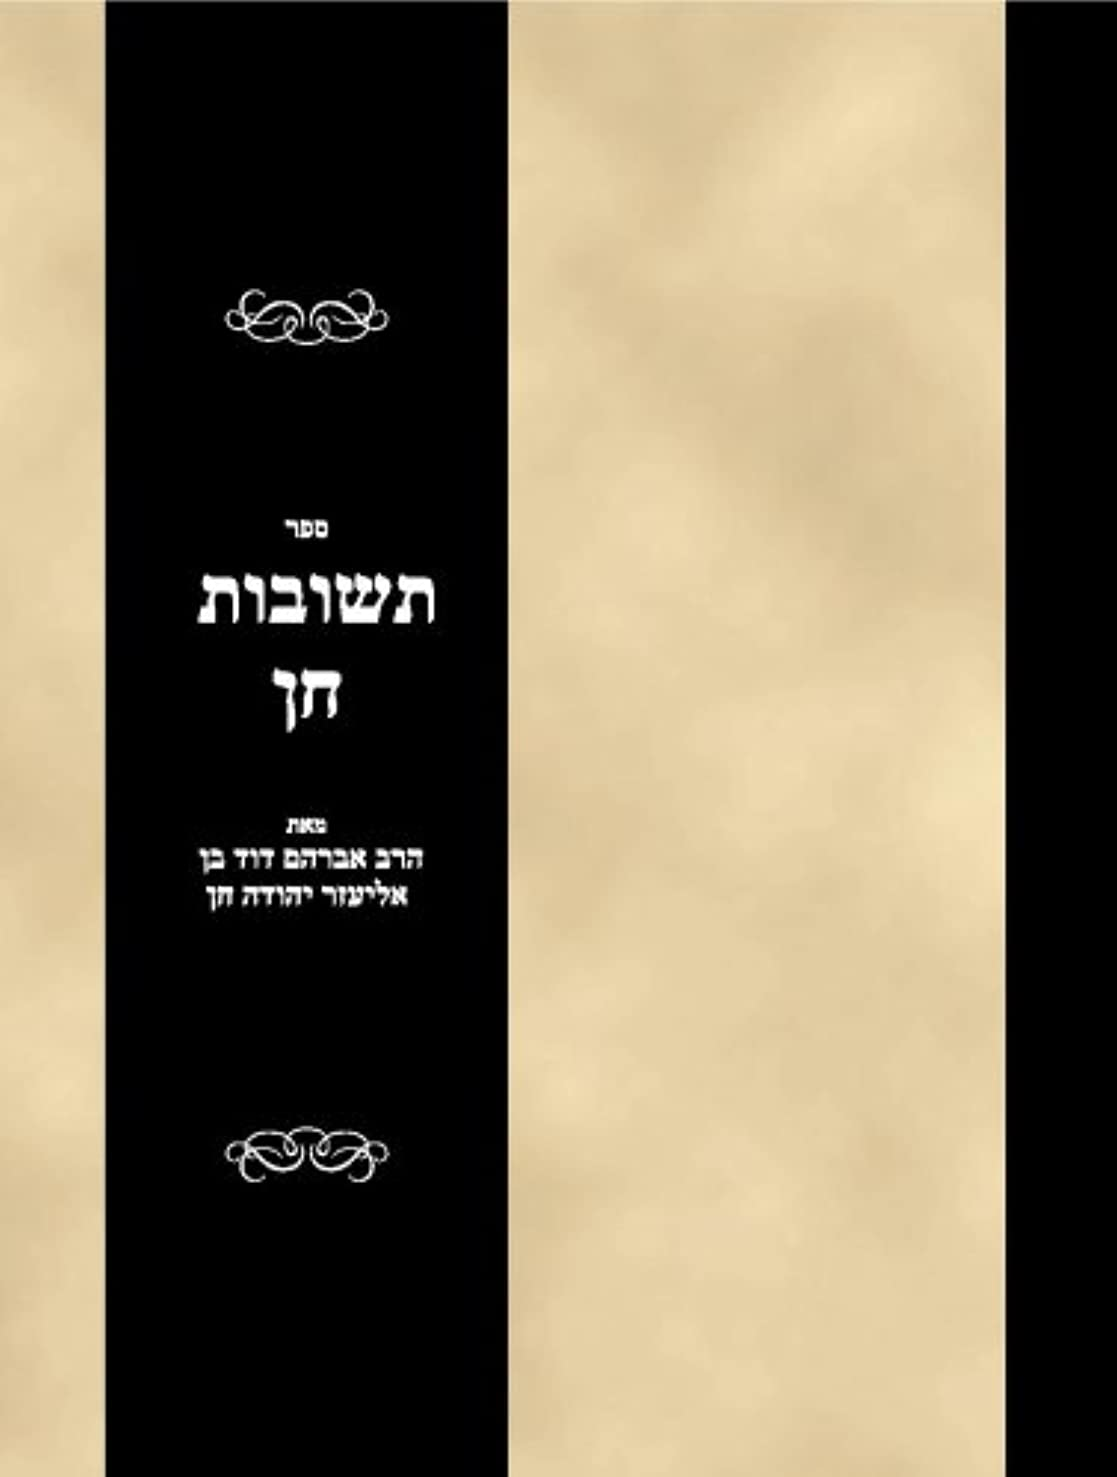 欲しいです運命的な週末Sefer Teshuvos Chain